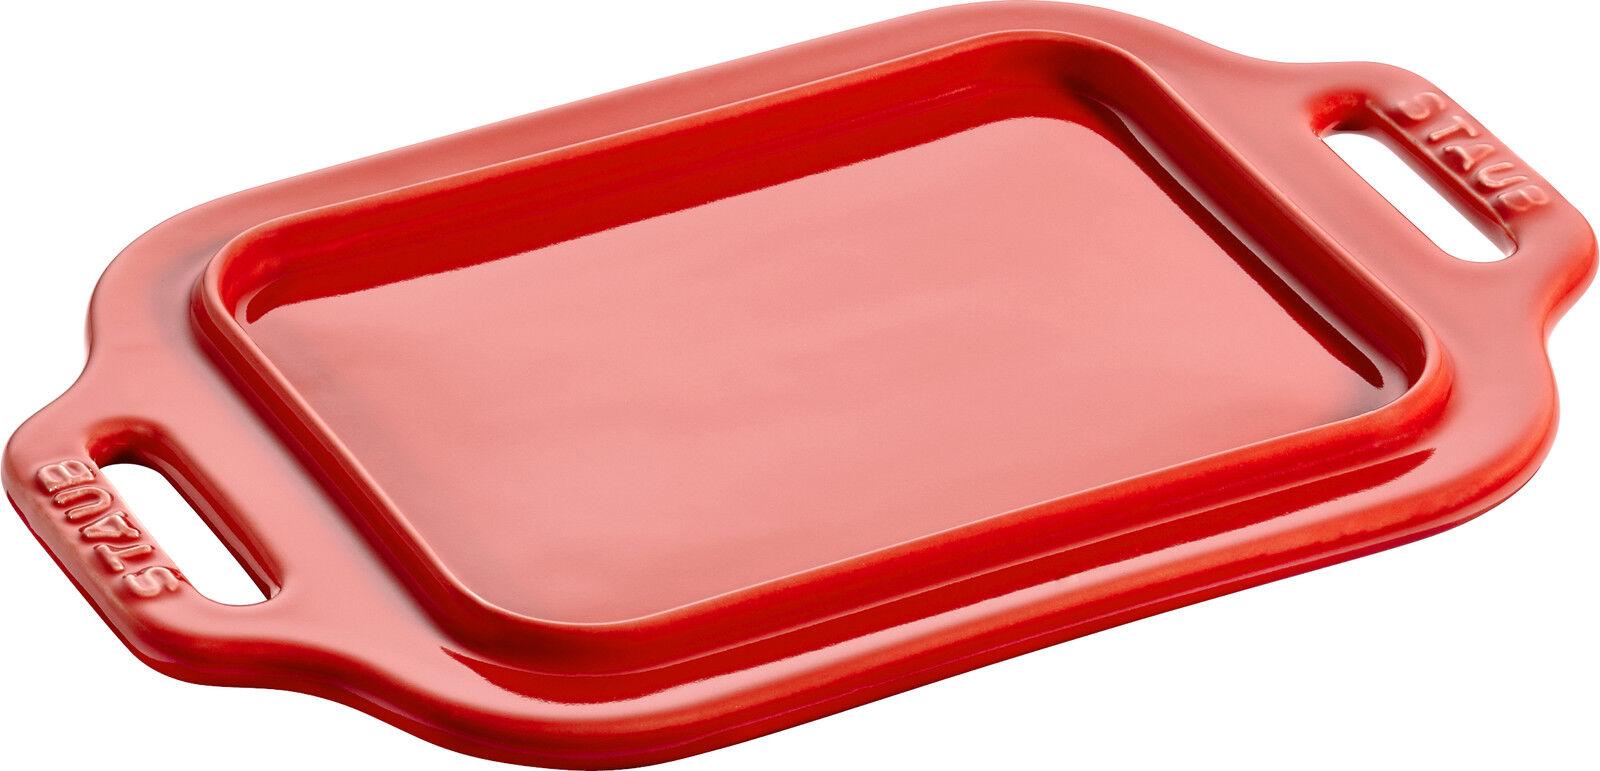 STAUB céramique Beurrier Rouge cerise 18,7 x 12 cm lave-vaisselle